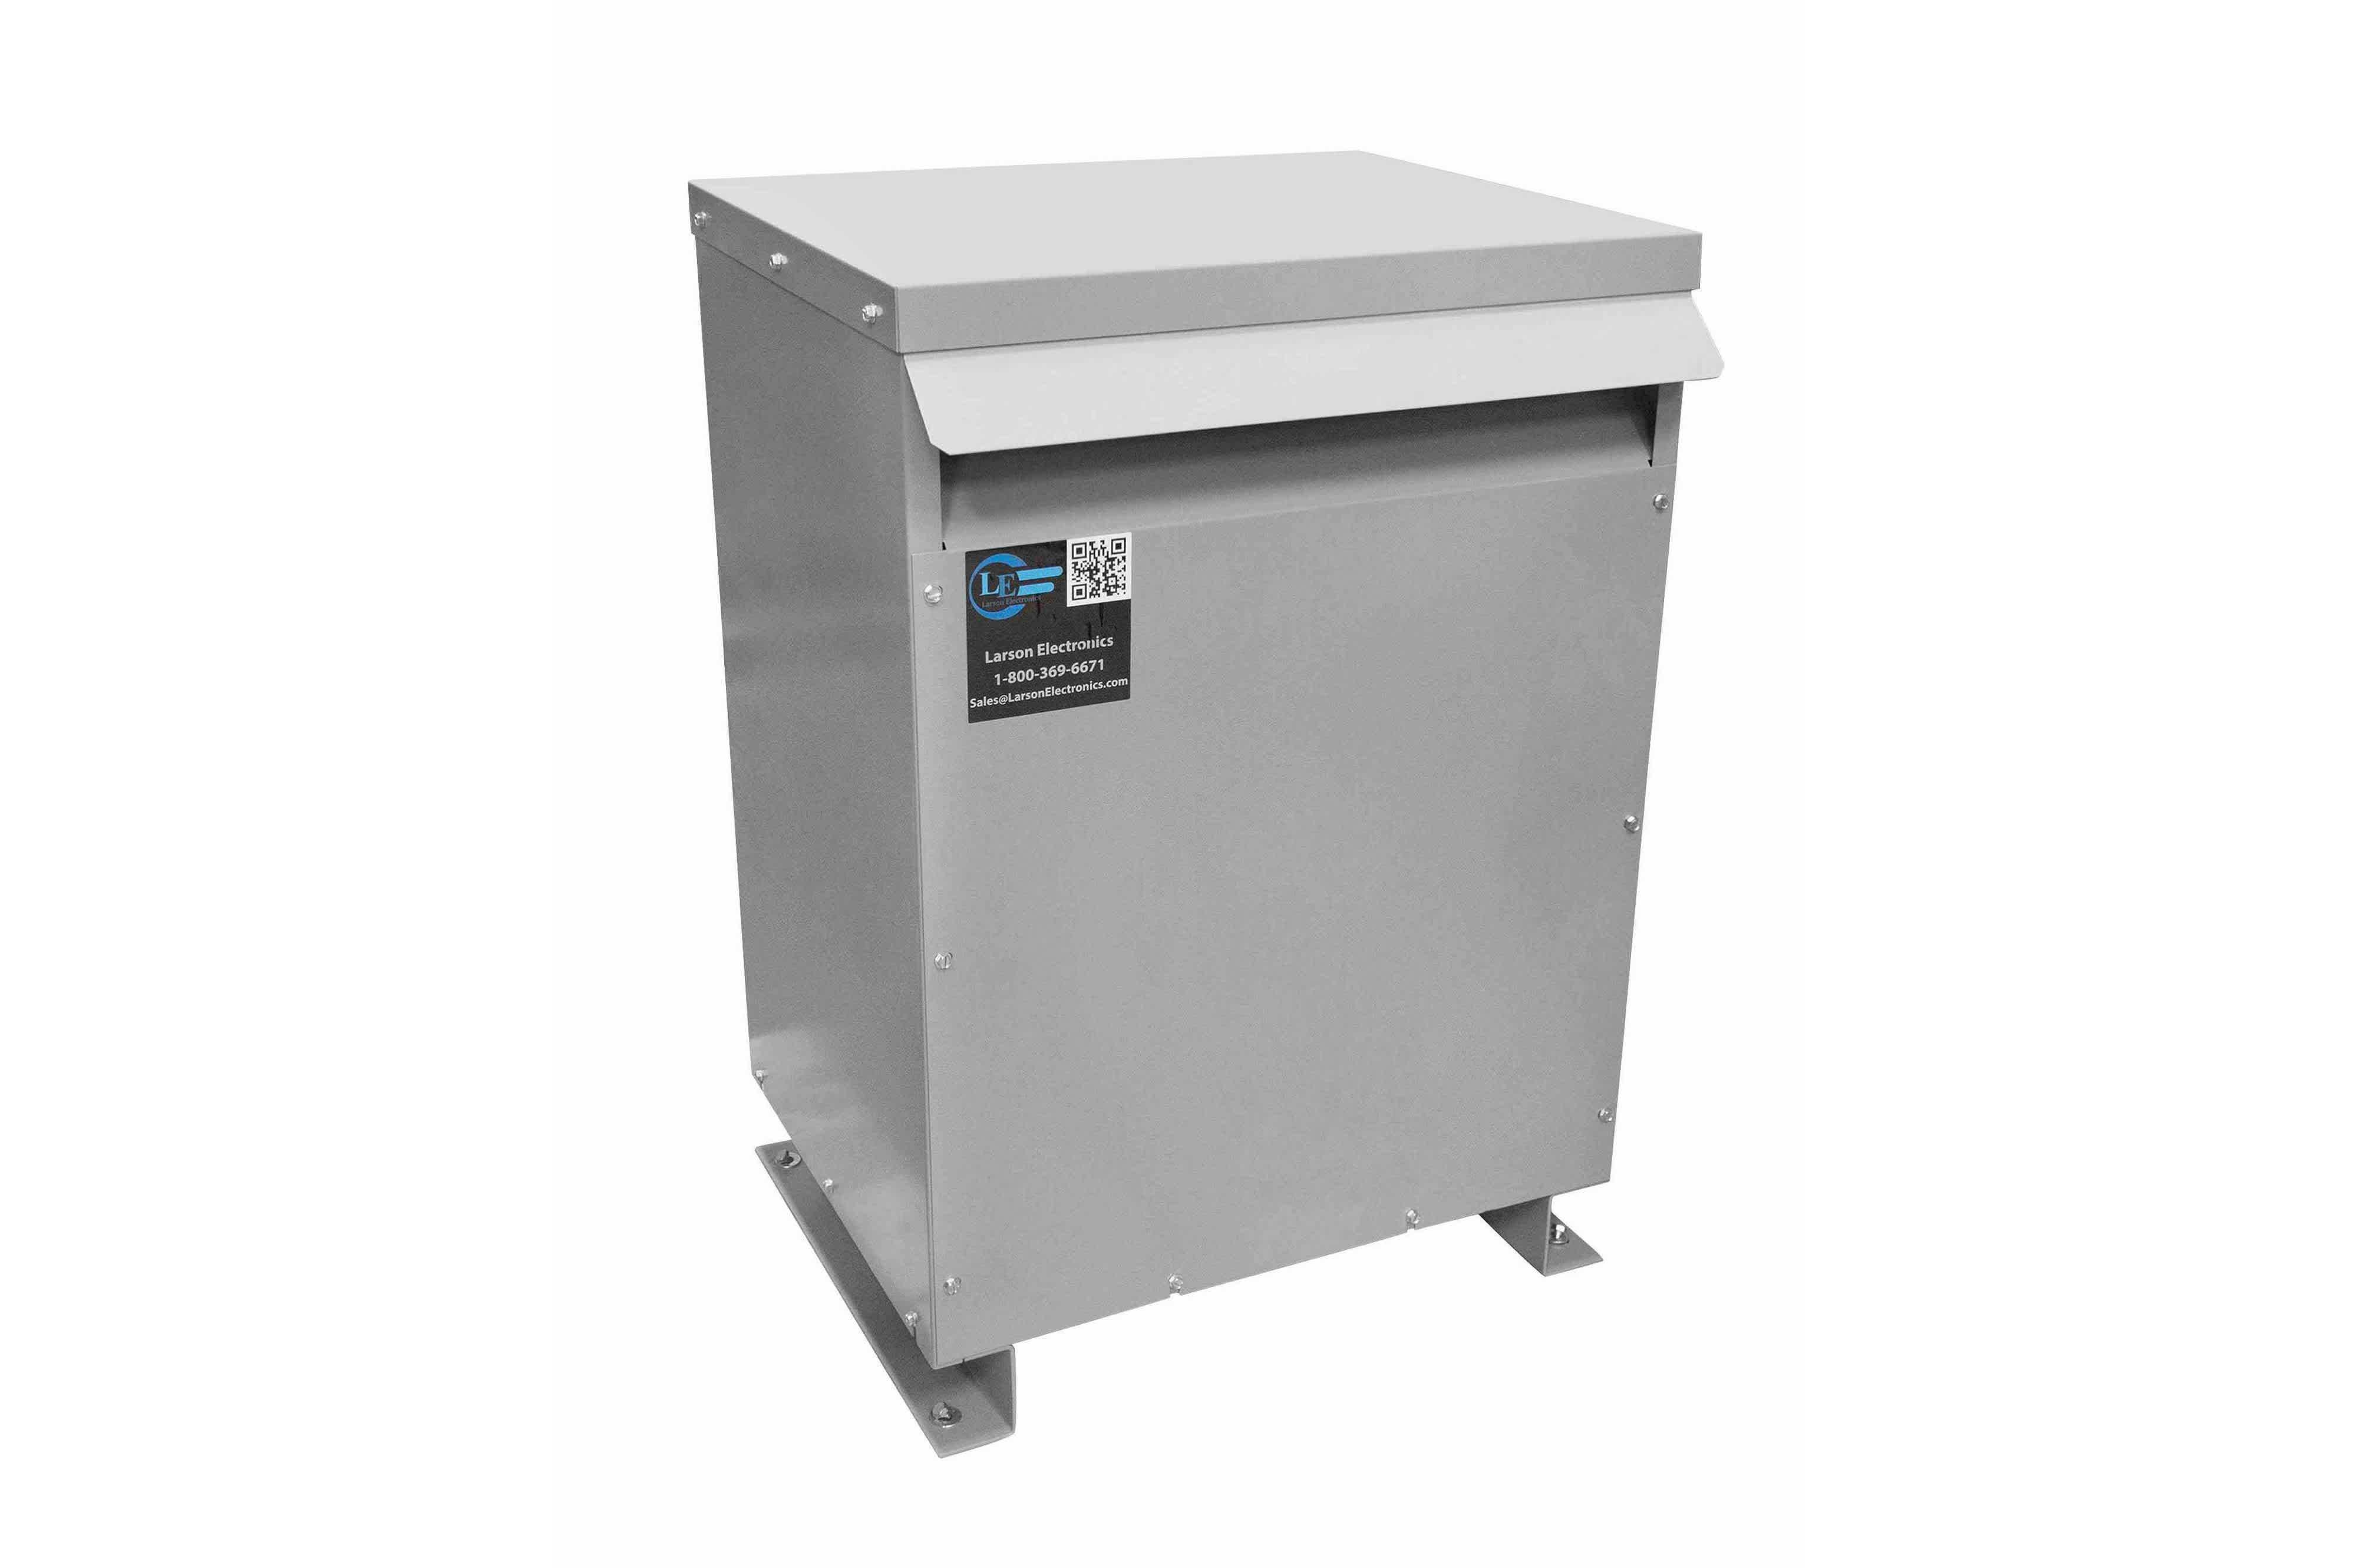 26 kVA 3PH Isolation Transformer, 380V Delta Primary, 600V Delta Secondary, N3R, Ventilated, 60 Hz